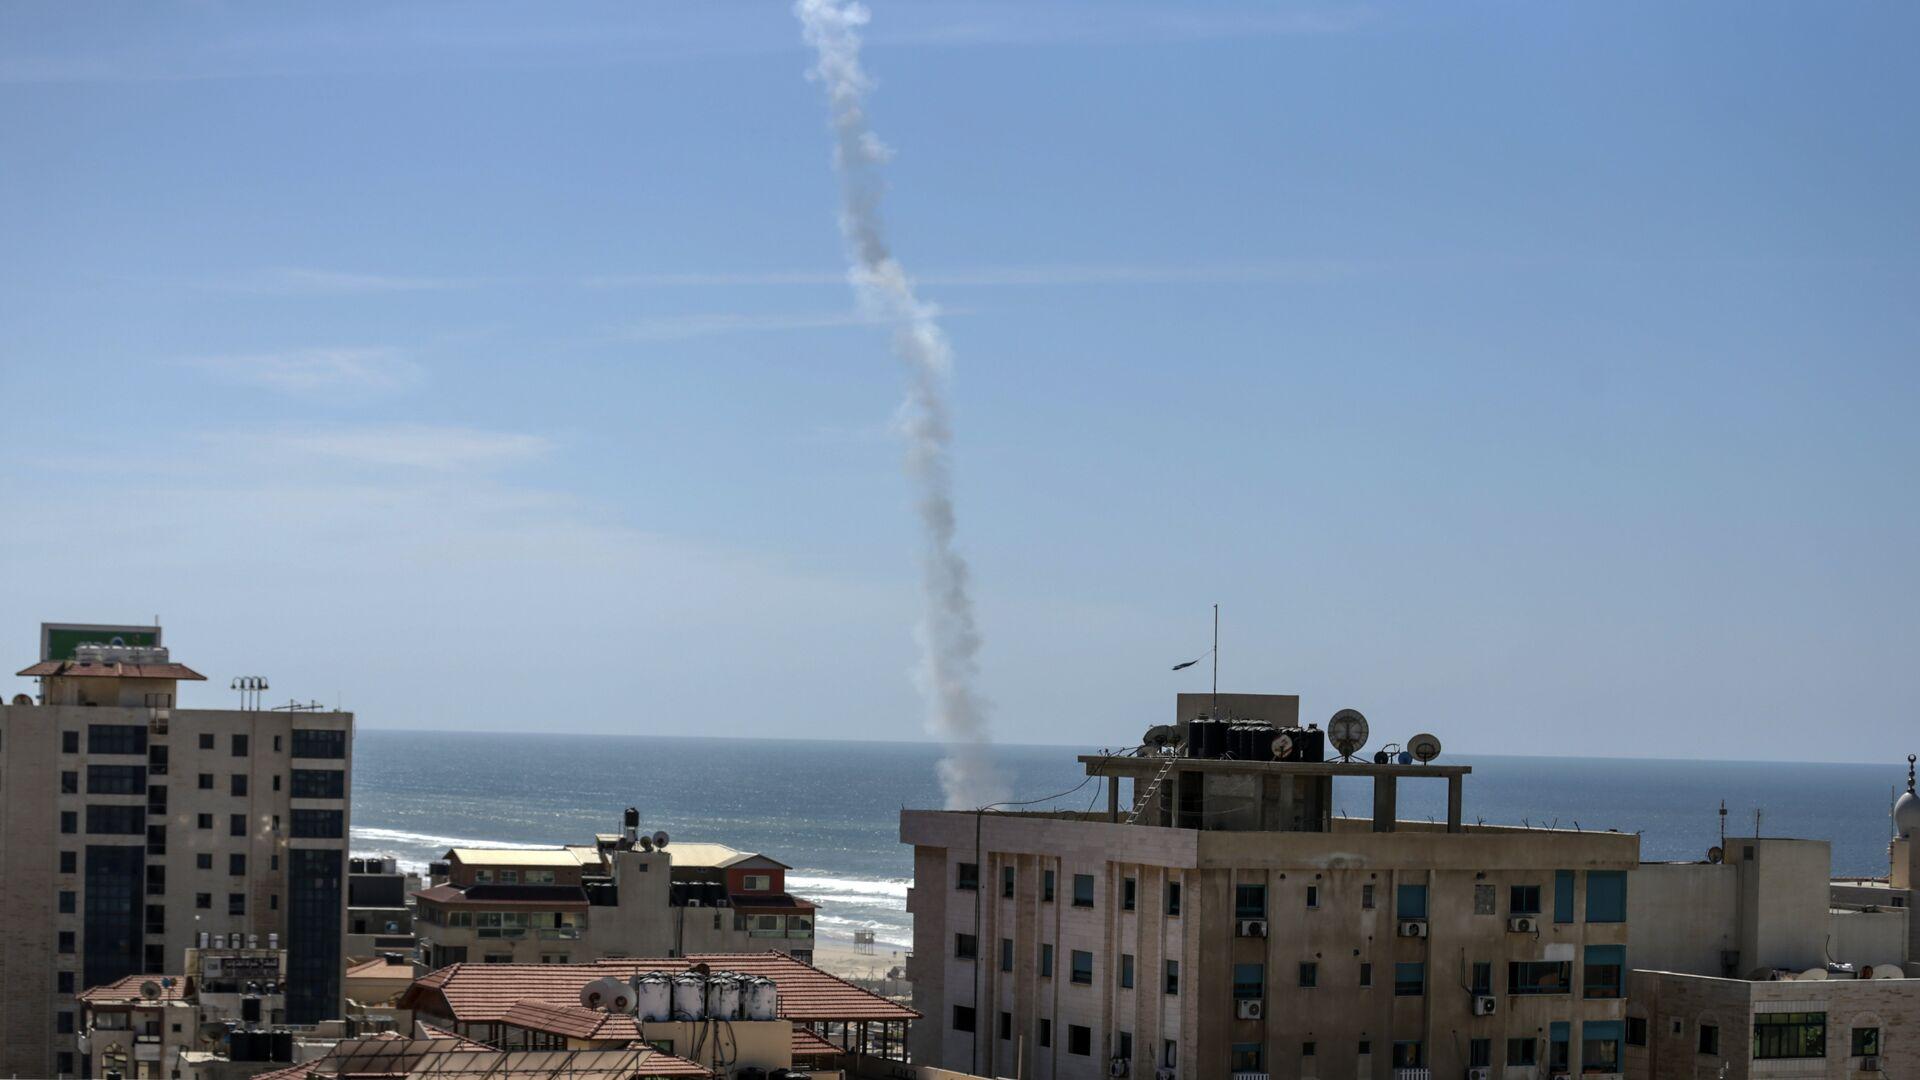 След от ракеты, выпущенной во время учений боевиками ХАМАС в городе Газа. 25 марта 2018 - РИА Новости, 1920, 13.05.2021